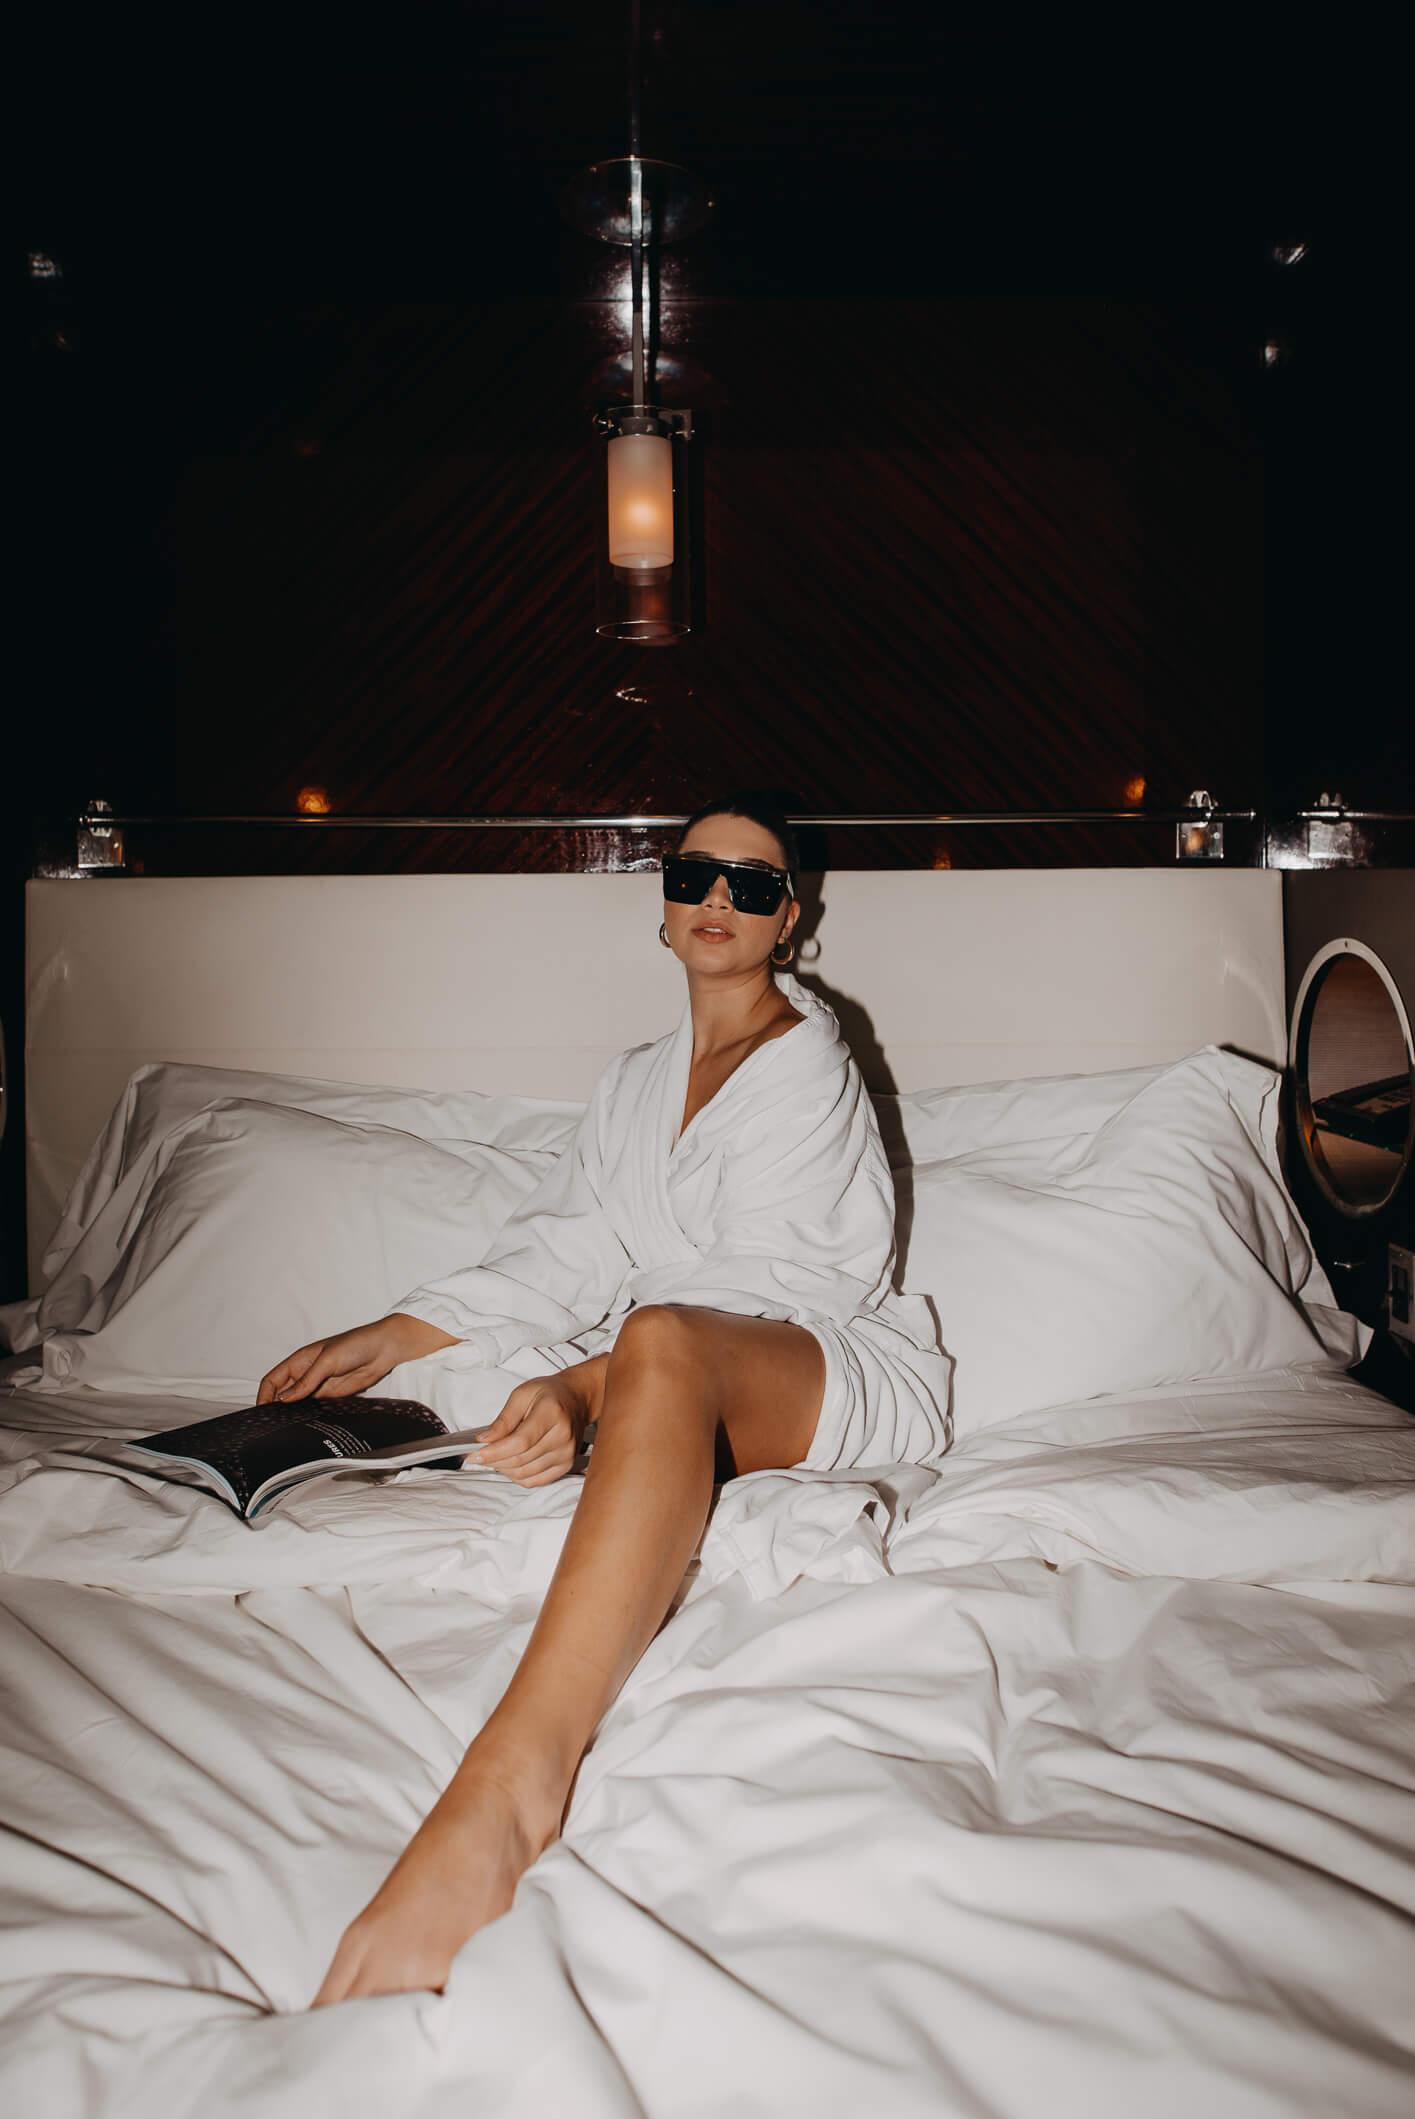 soy fan de las camas de hoteles Royalton, no se eso de tener sabanas limpias siempre es como un placer